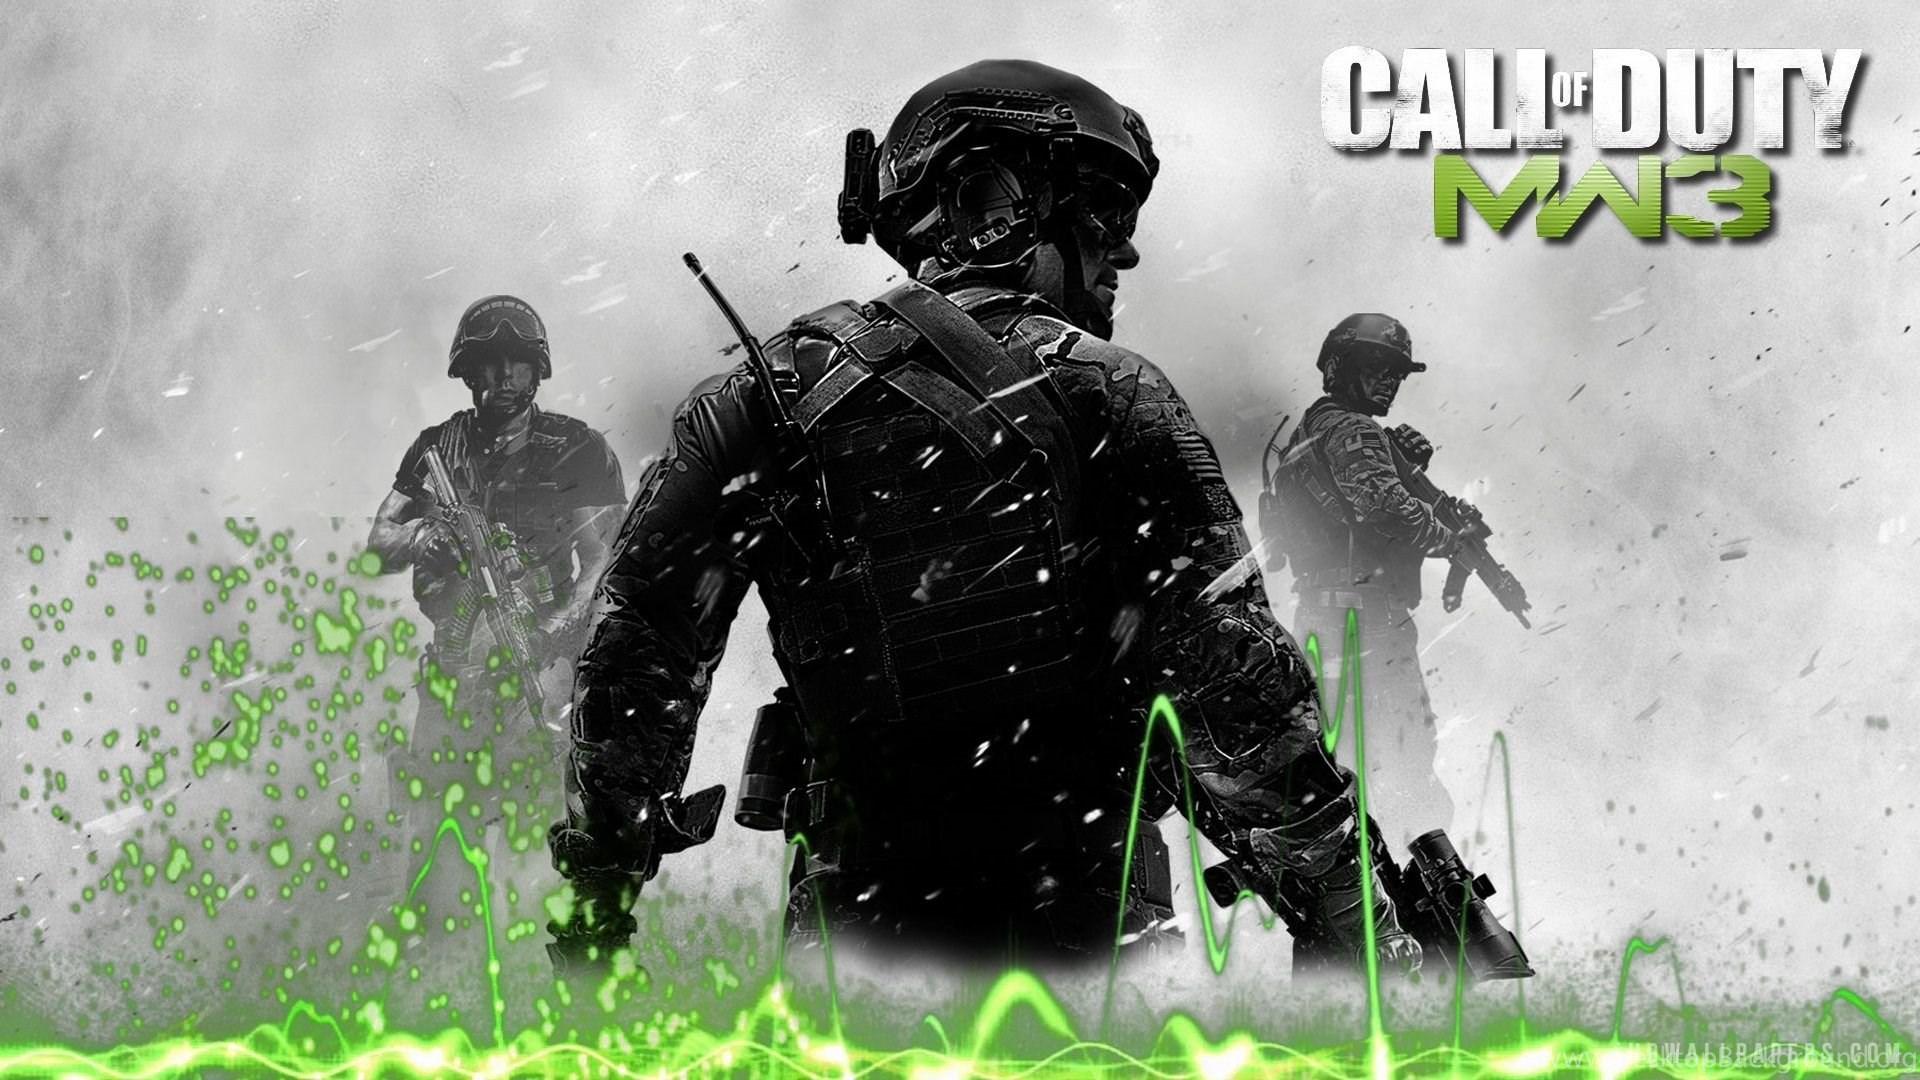 Call Of Duty Modern Warfare 3 Hd Wallpapers Ihd Wallpapers Desktop